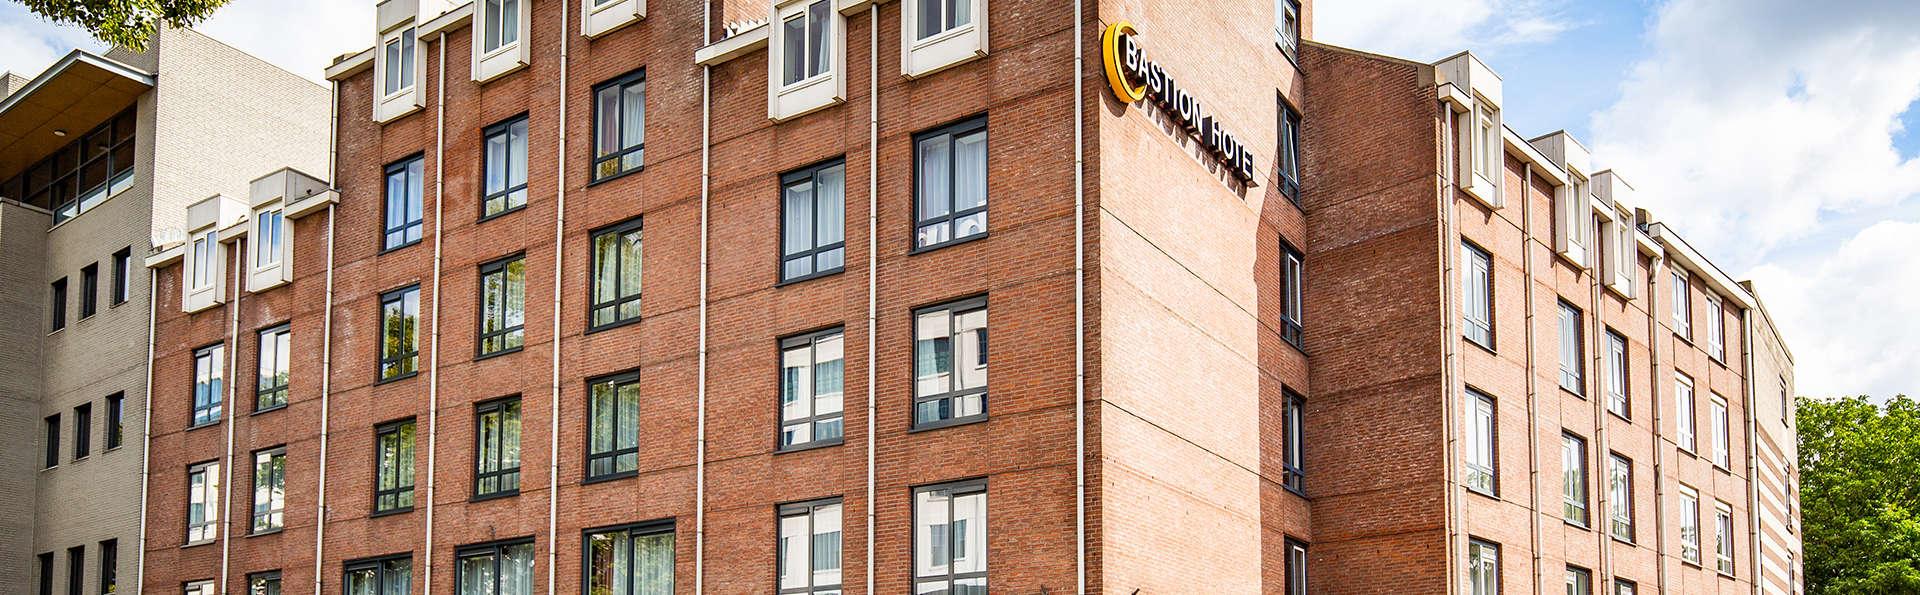 Bastion Hotel Maastricht - Centrum - EDIT_FRONT.jpg